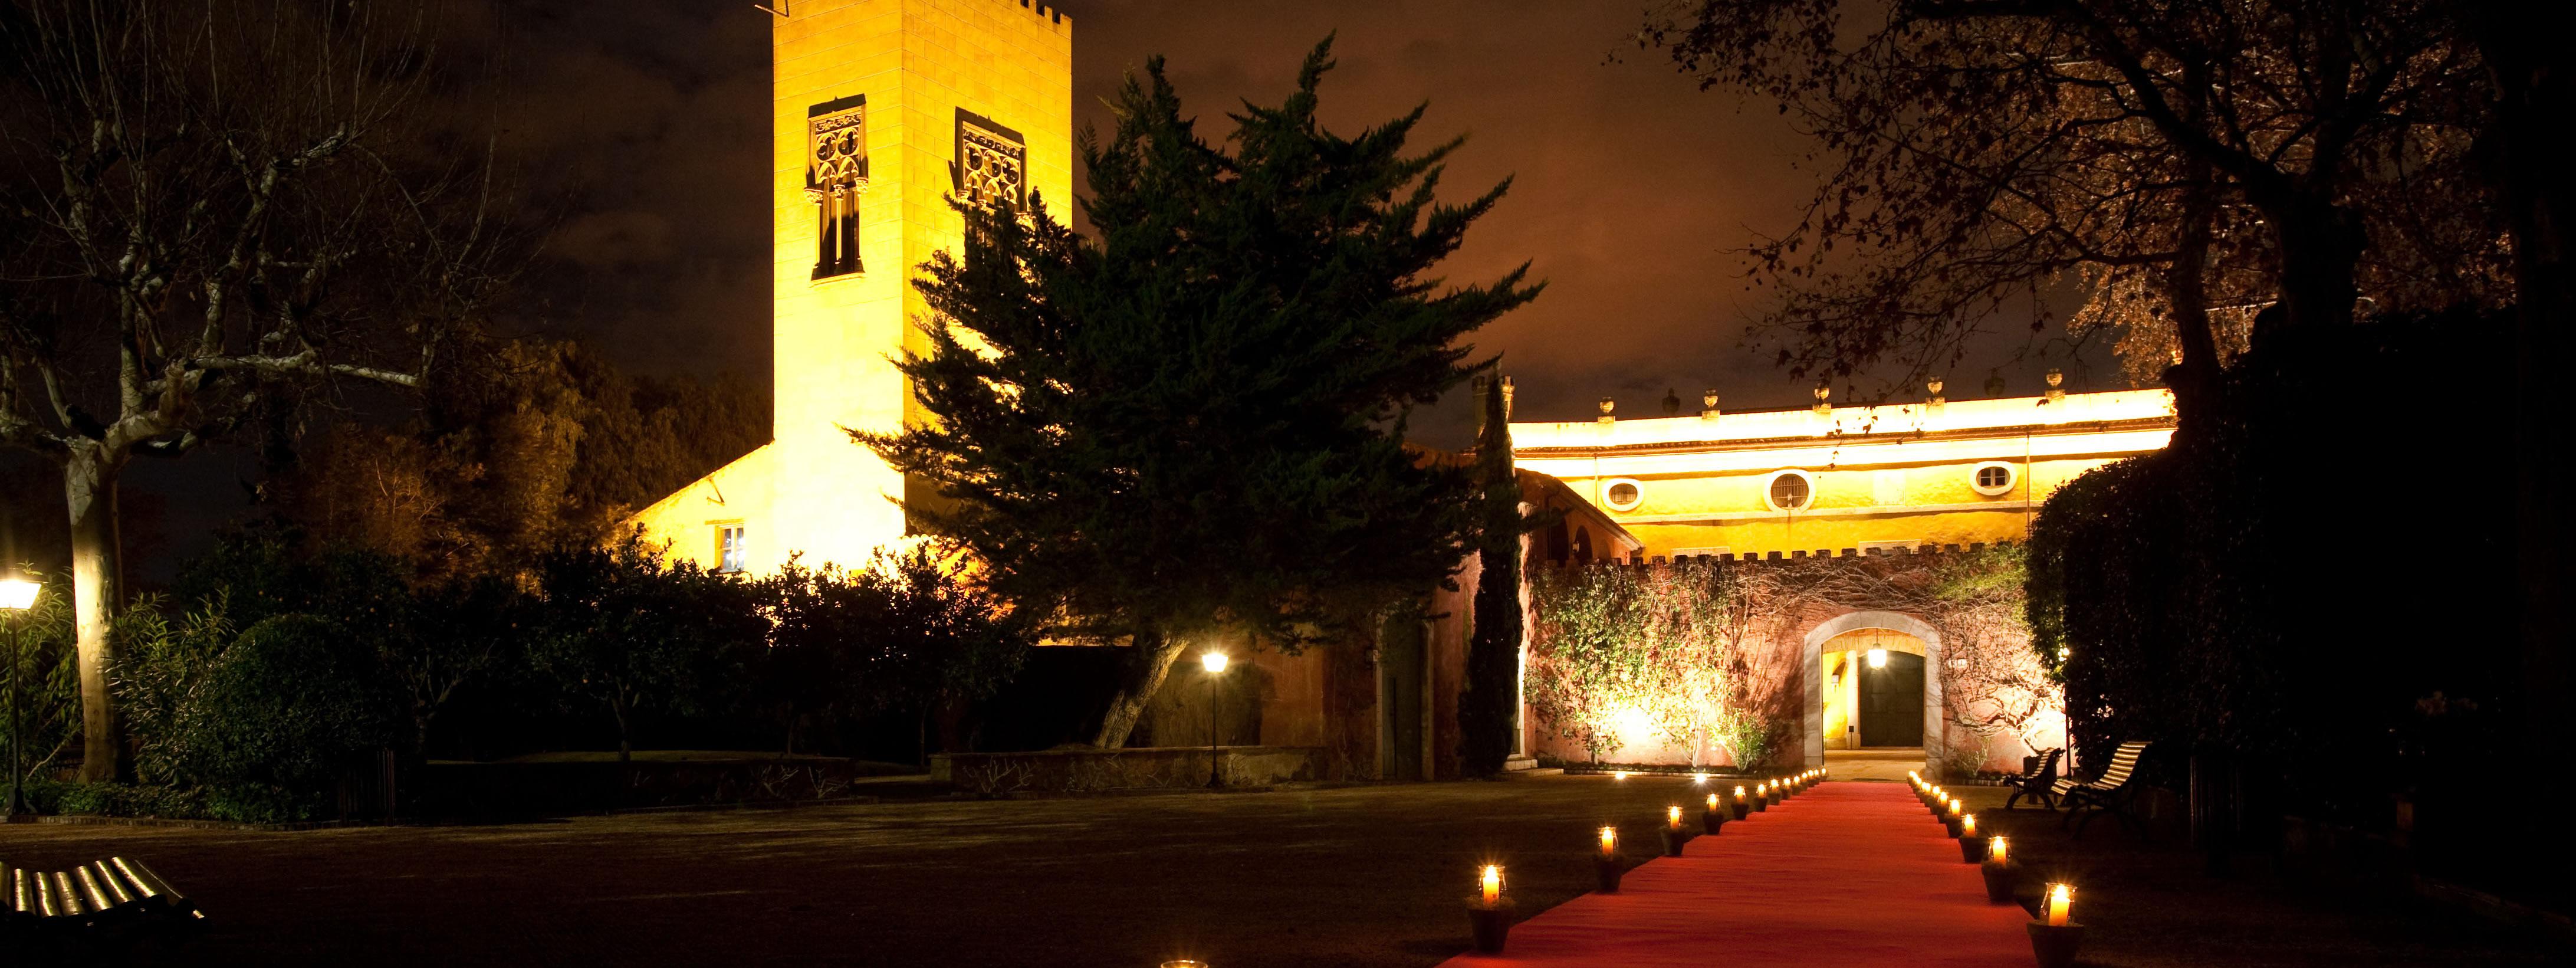 Sopar cap d'any Hotel Mas La Boella, Tarragona